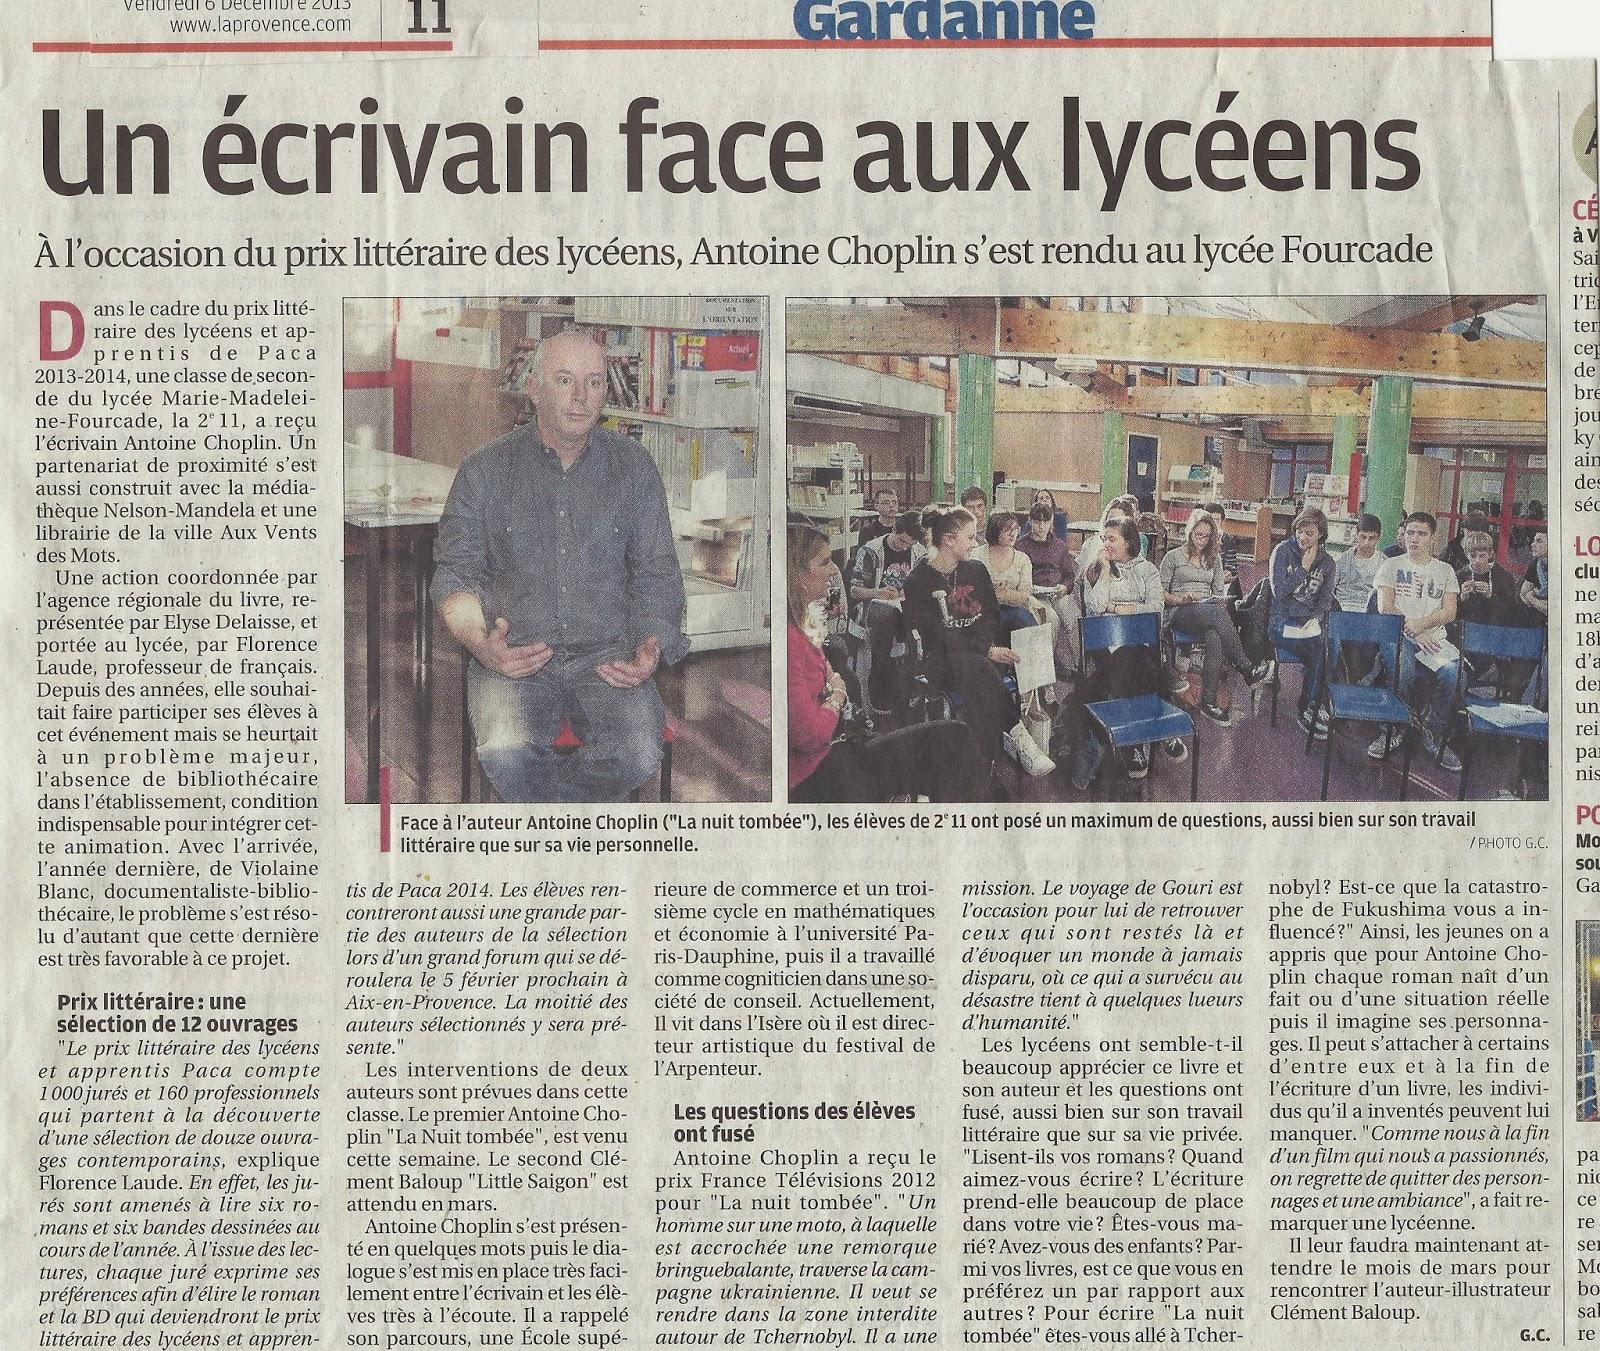 Article dans le journal la provence le 6 d cembre 2013 propos de la visite - Le journal de provence ...